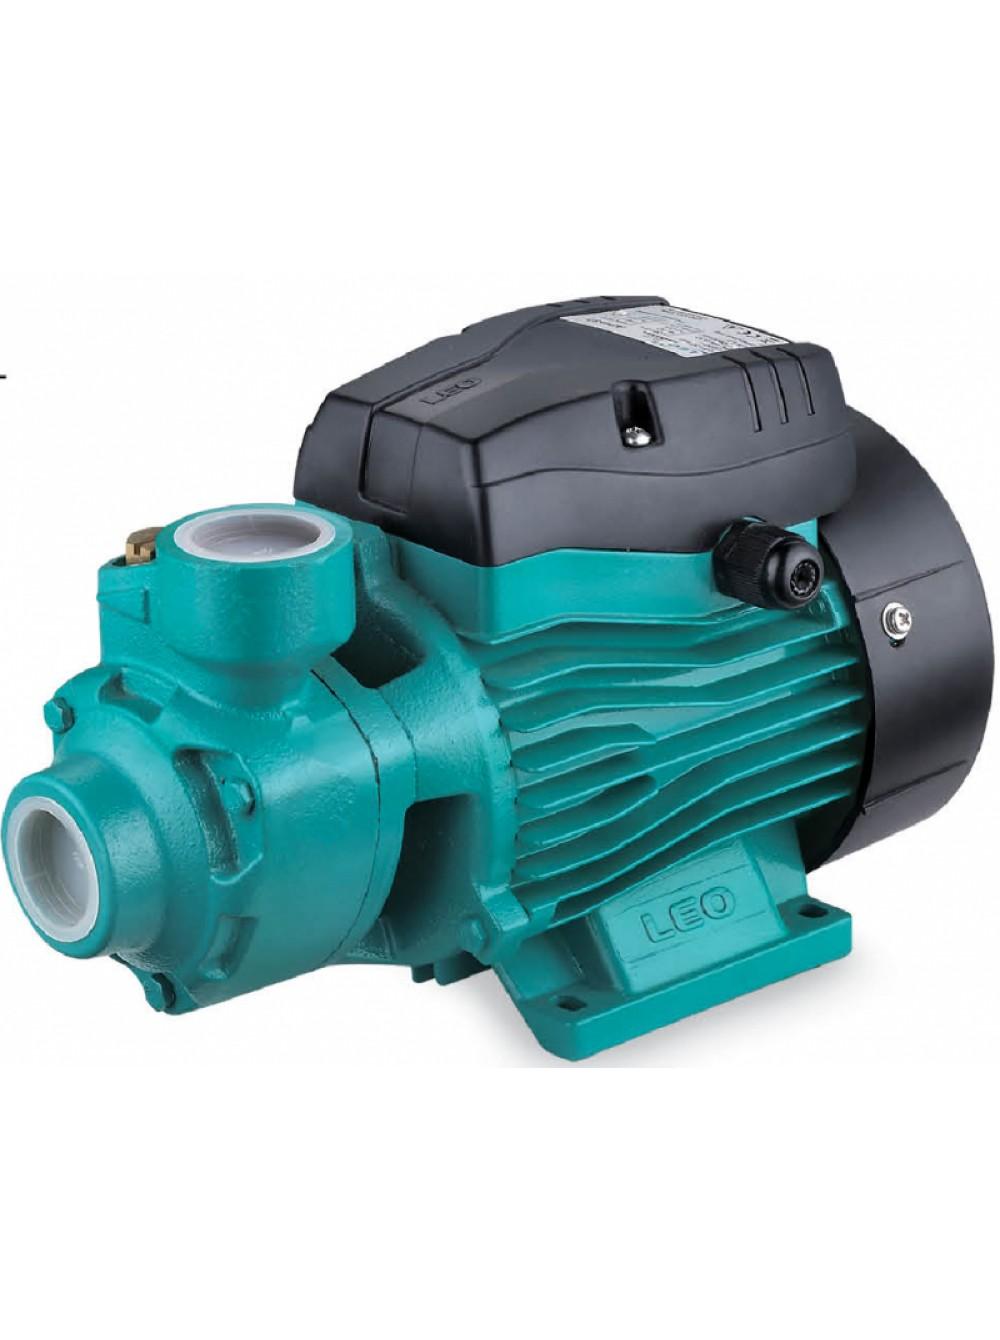 Насос вихревой Aquatica 775134 0,75 кВт цена